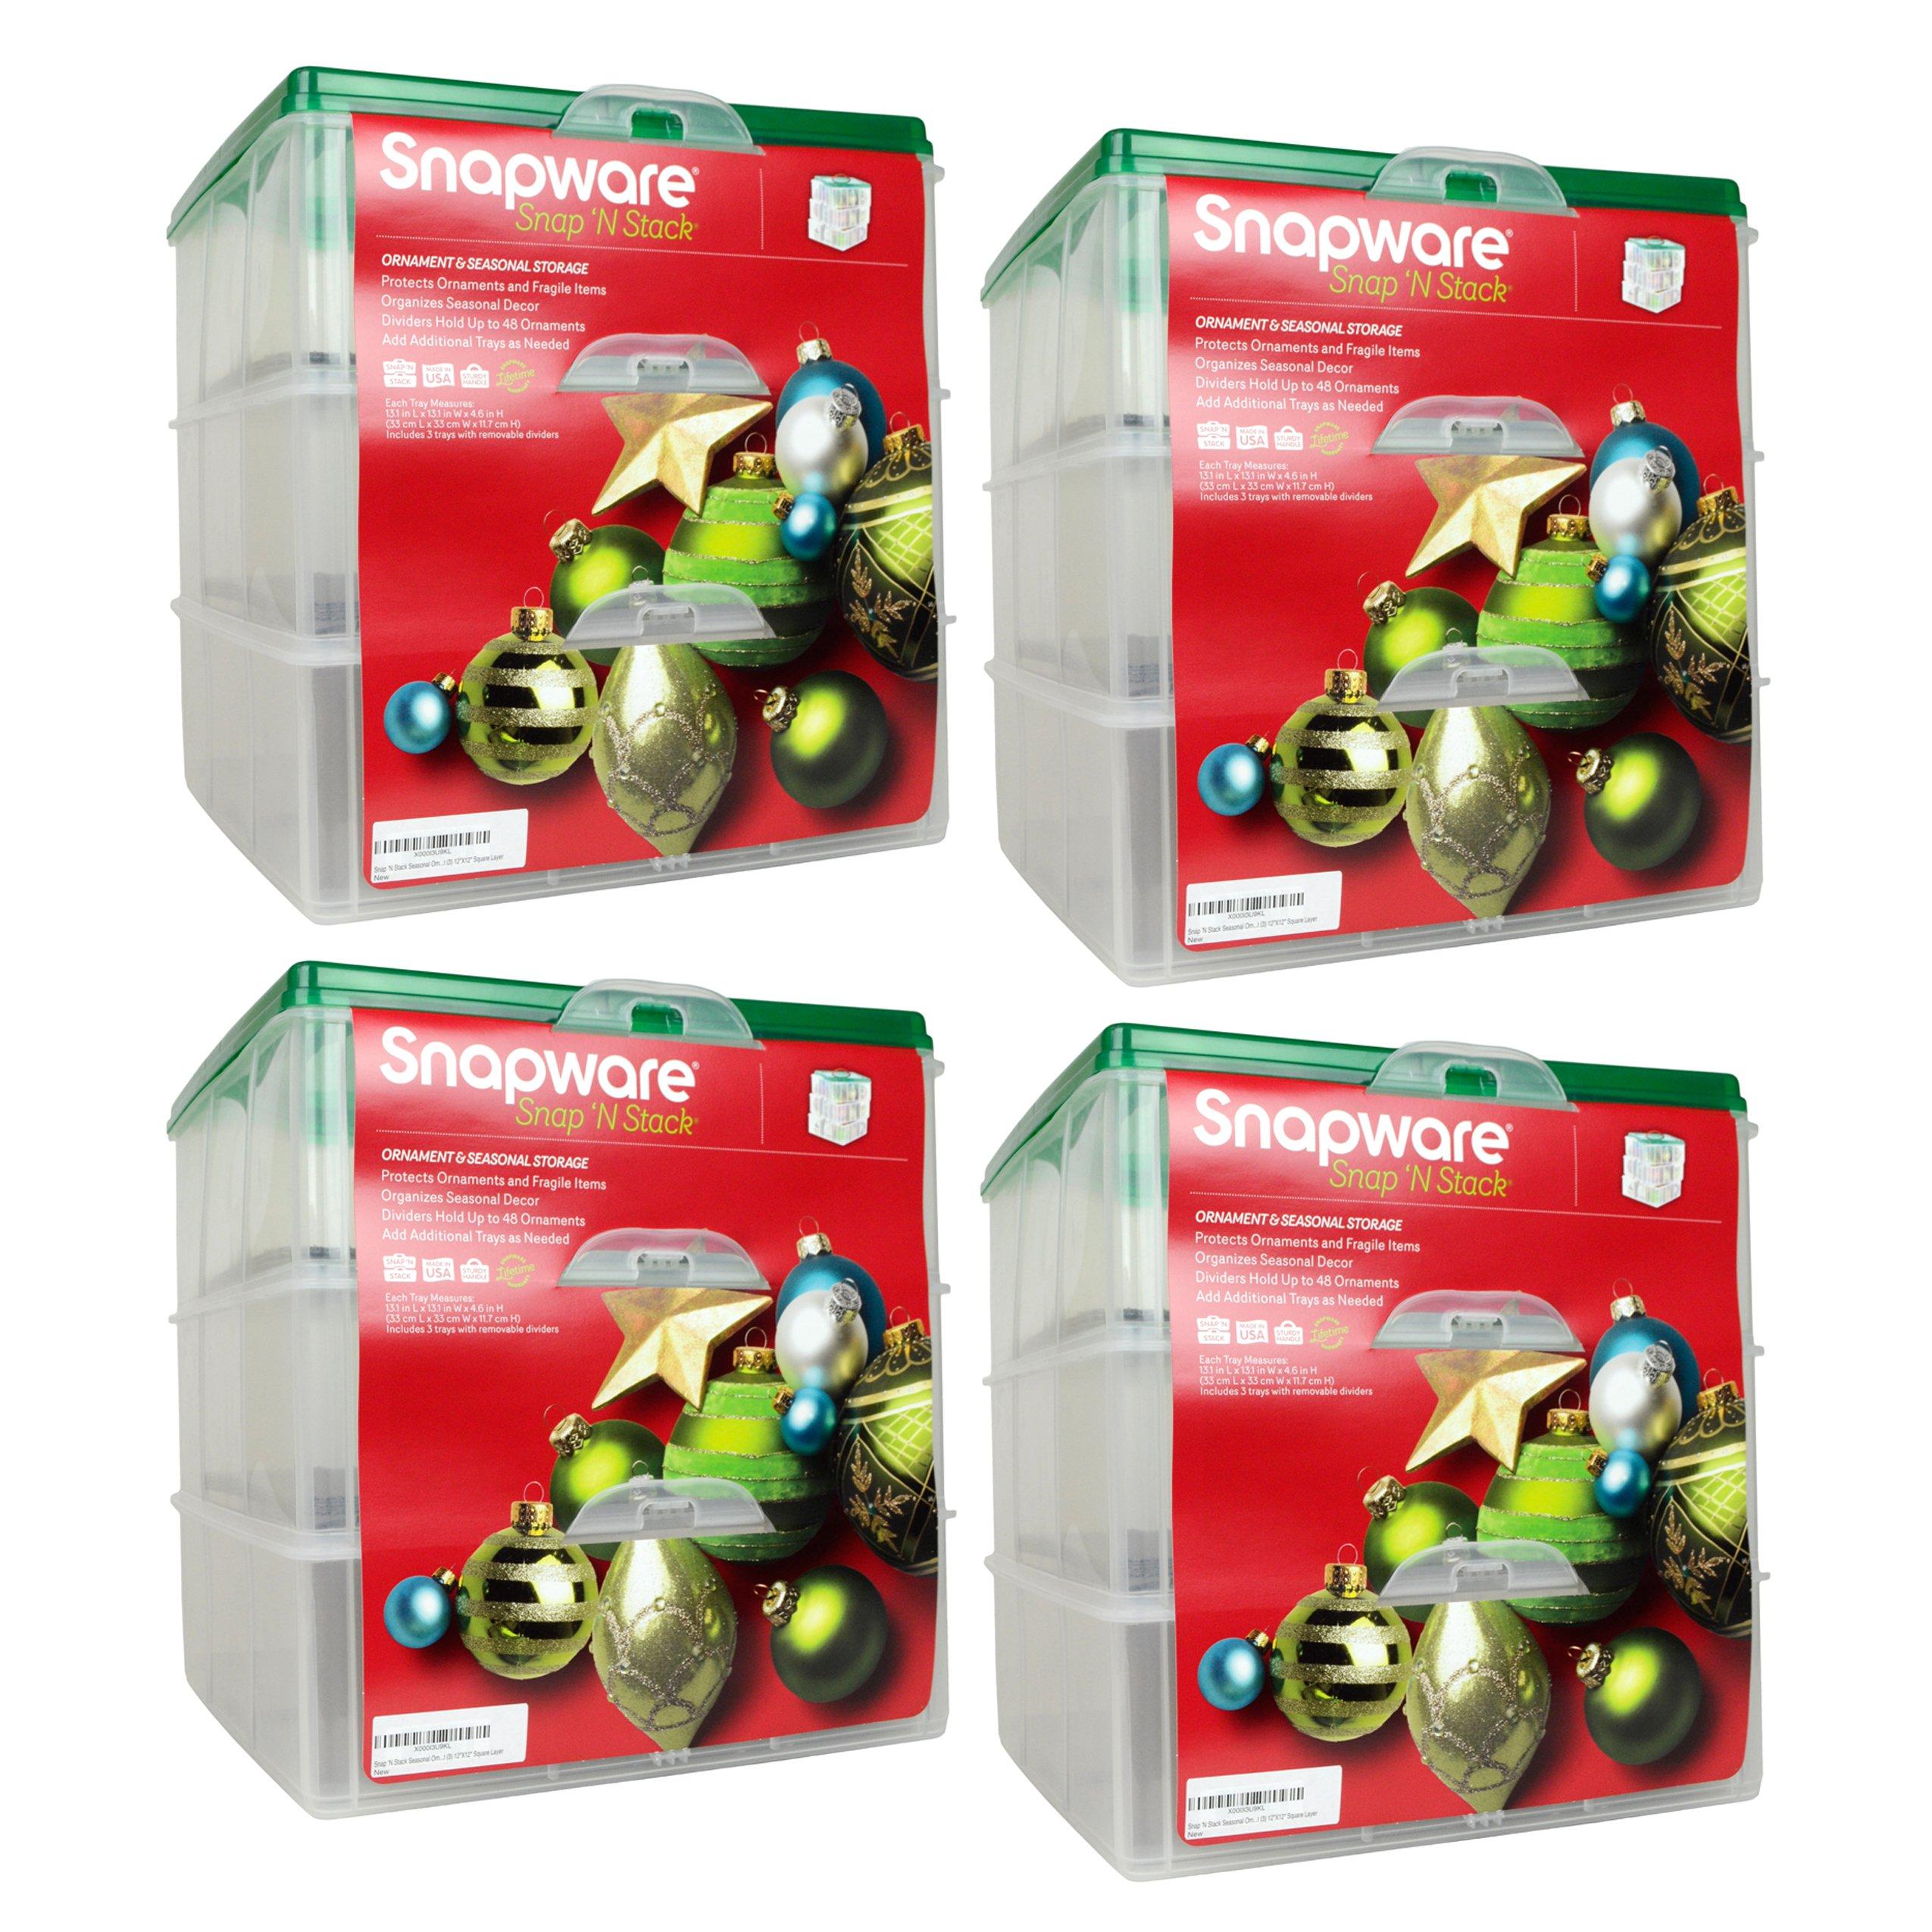 Snapware Snap 'N Stack 12 X 12-inch 3 Tier Seasonal Ornament Keeper (4 Pack)